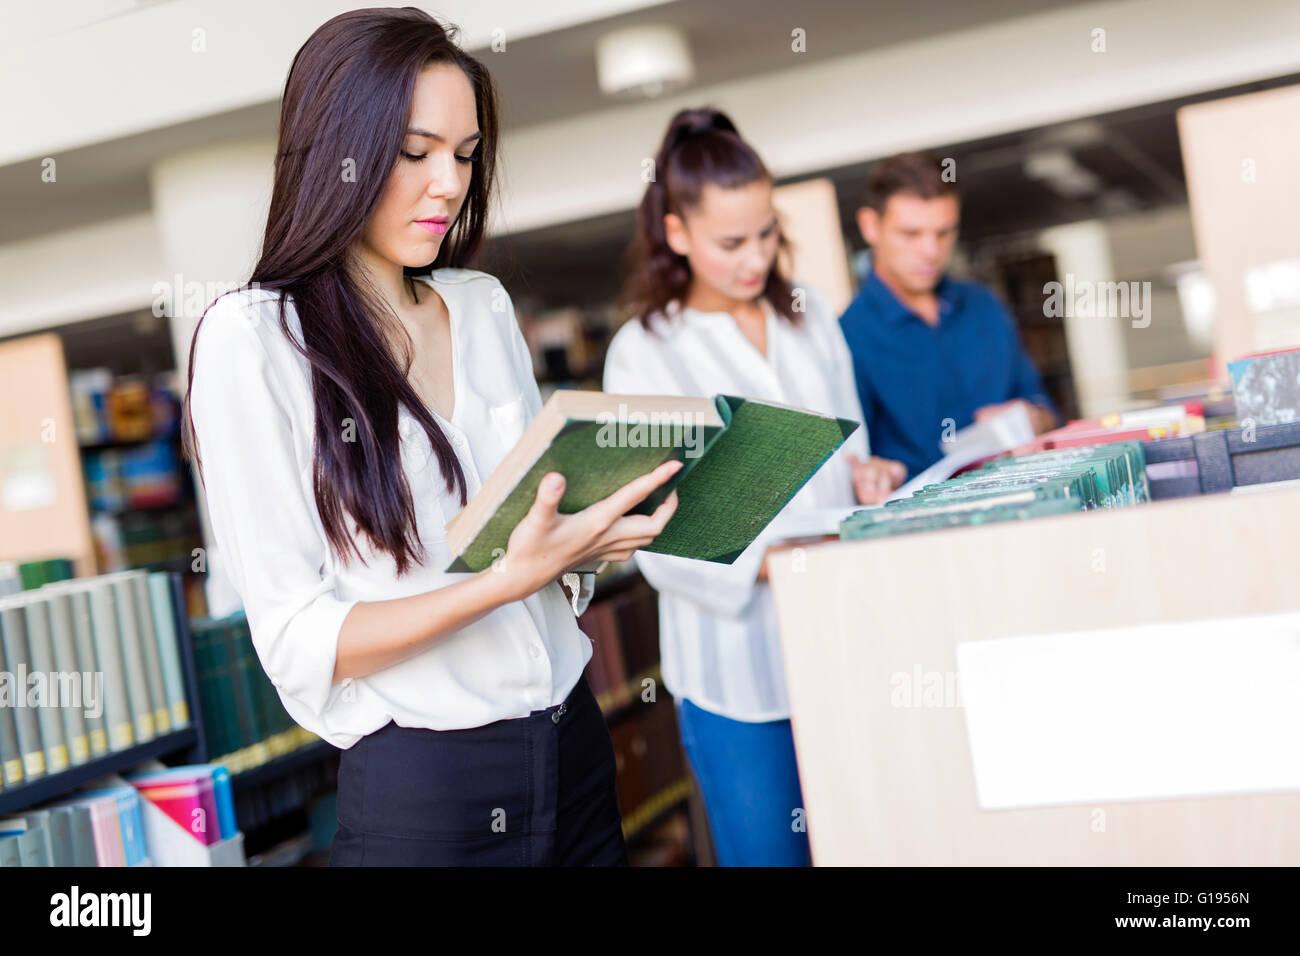 Los estudiantes inteligentes leyendo y estudiando en la búsqueda a través de toda la biblioteca de libros Imagen De Stock